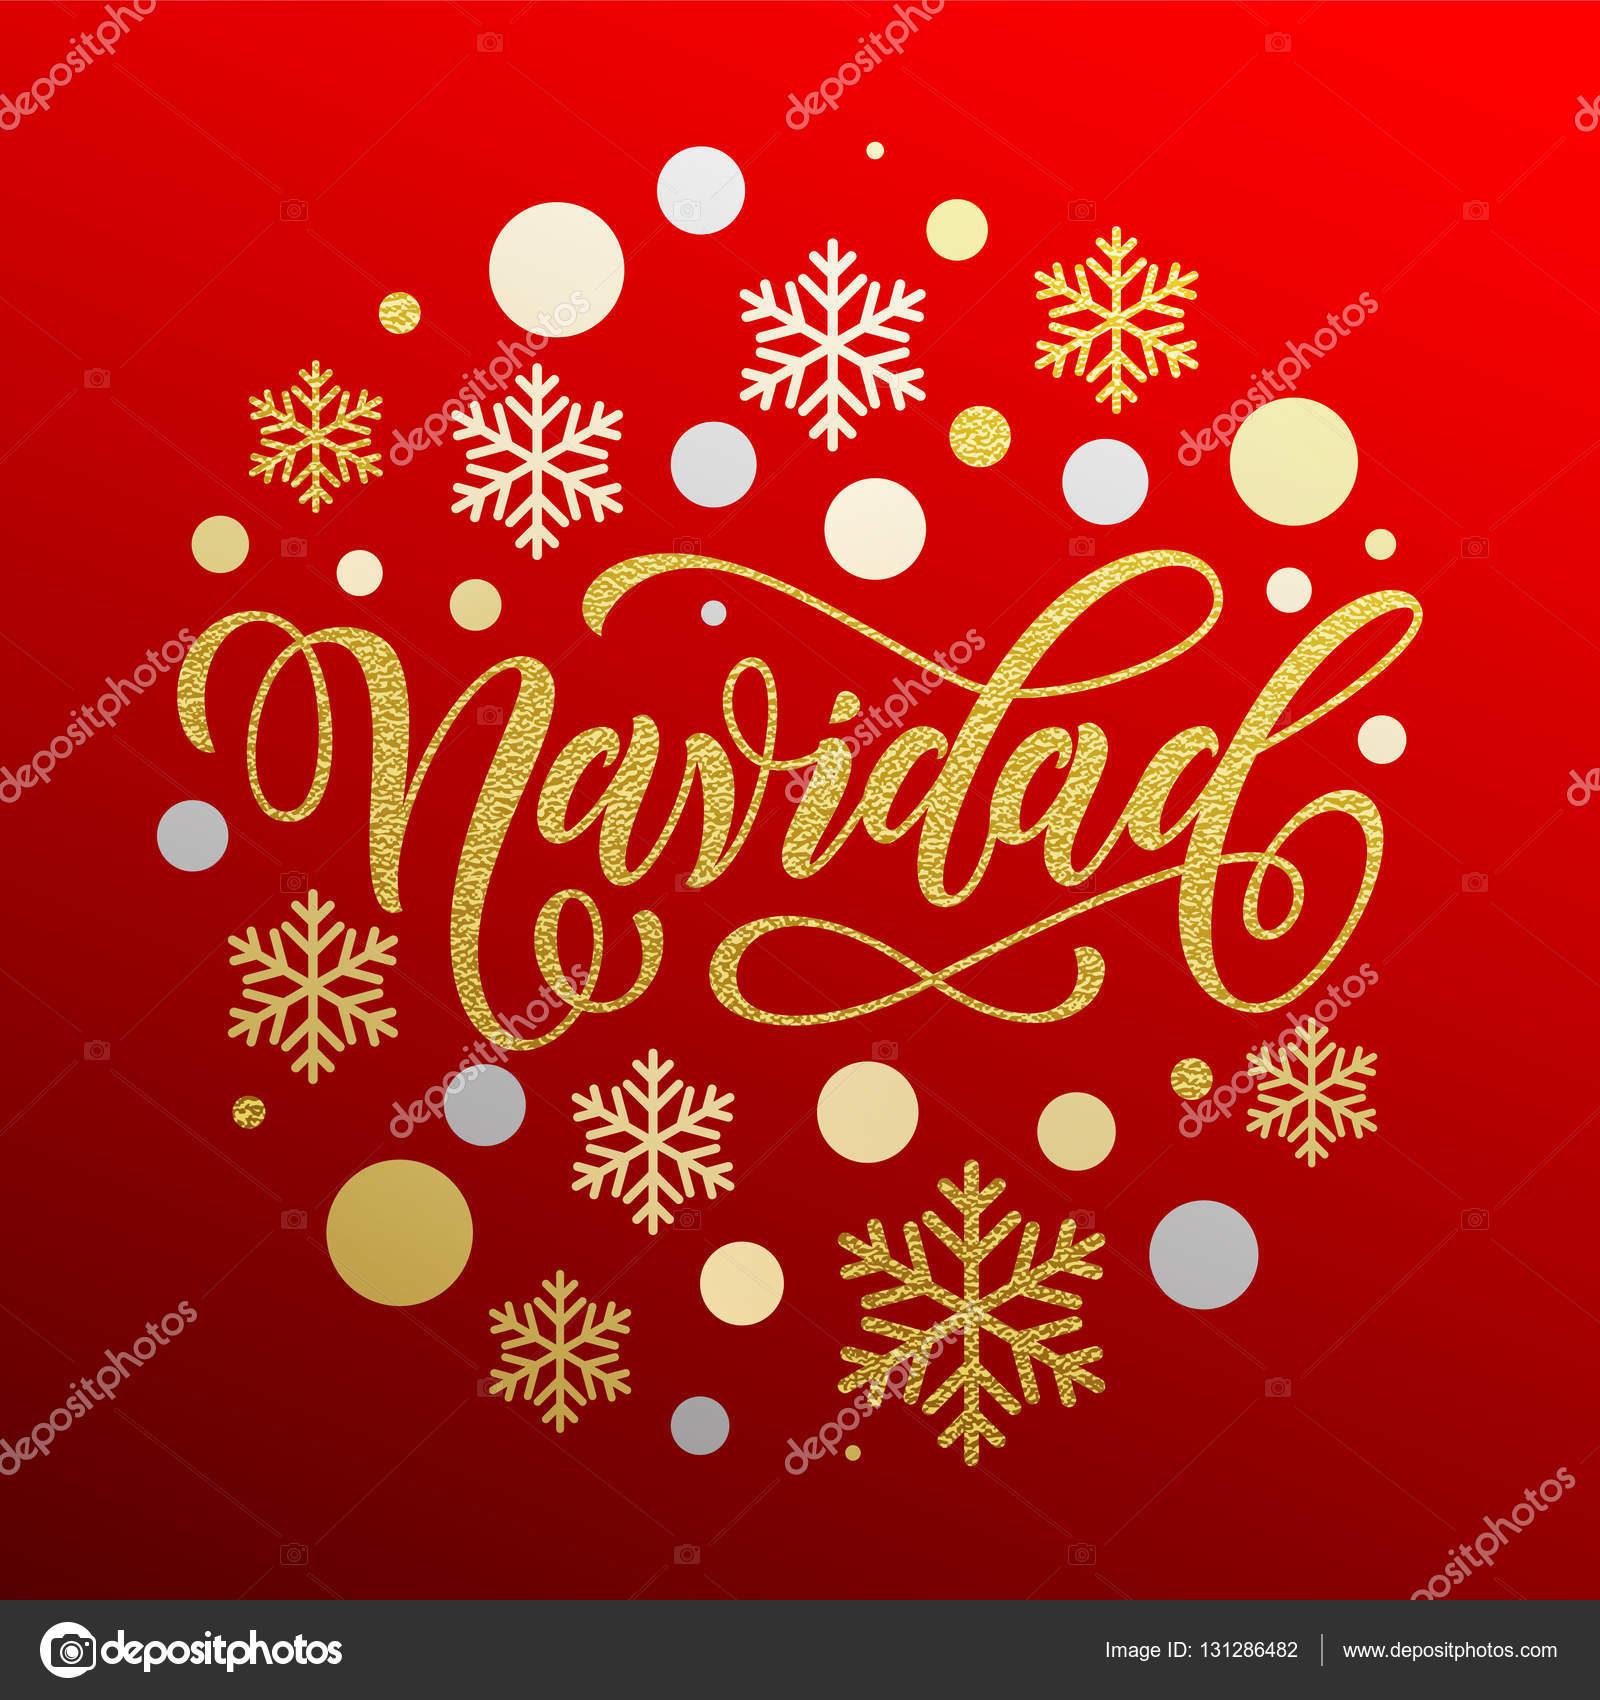 Weihnachtsgrüße Auf Spanisch.Weihnachten In Spanisch Navidad Gold Kalligraphie Stockvektor